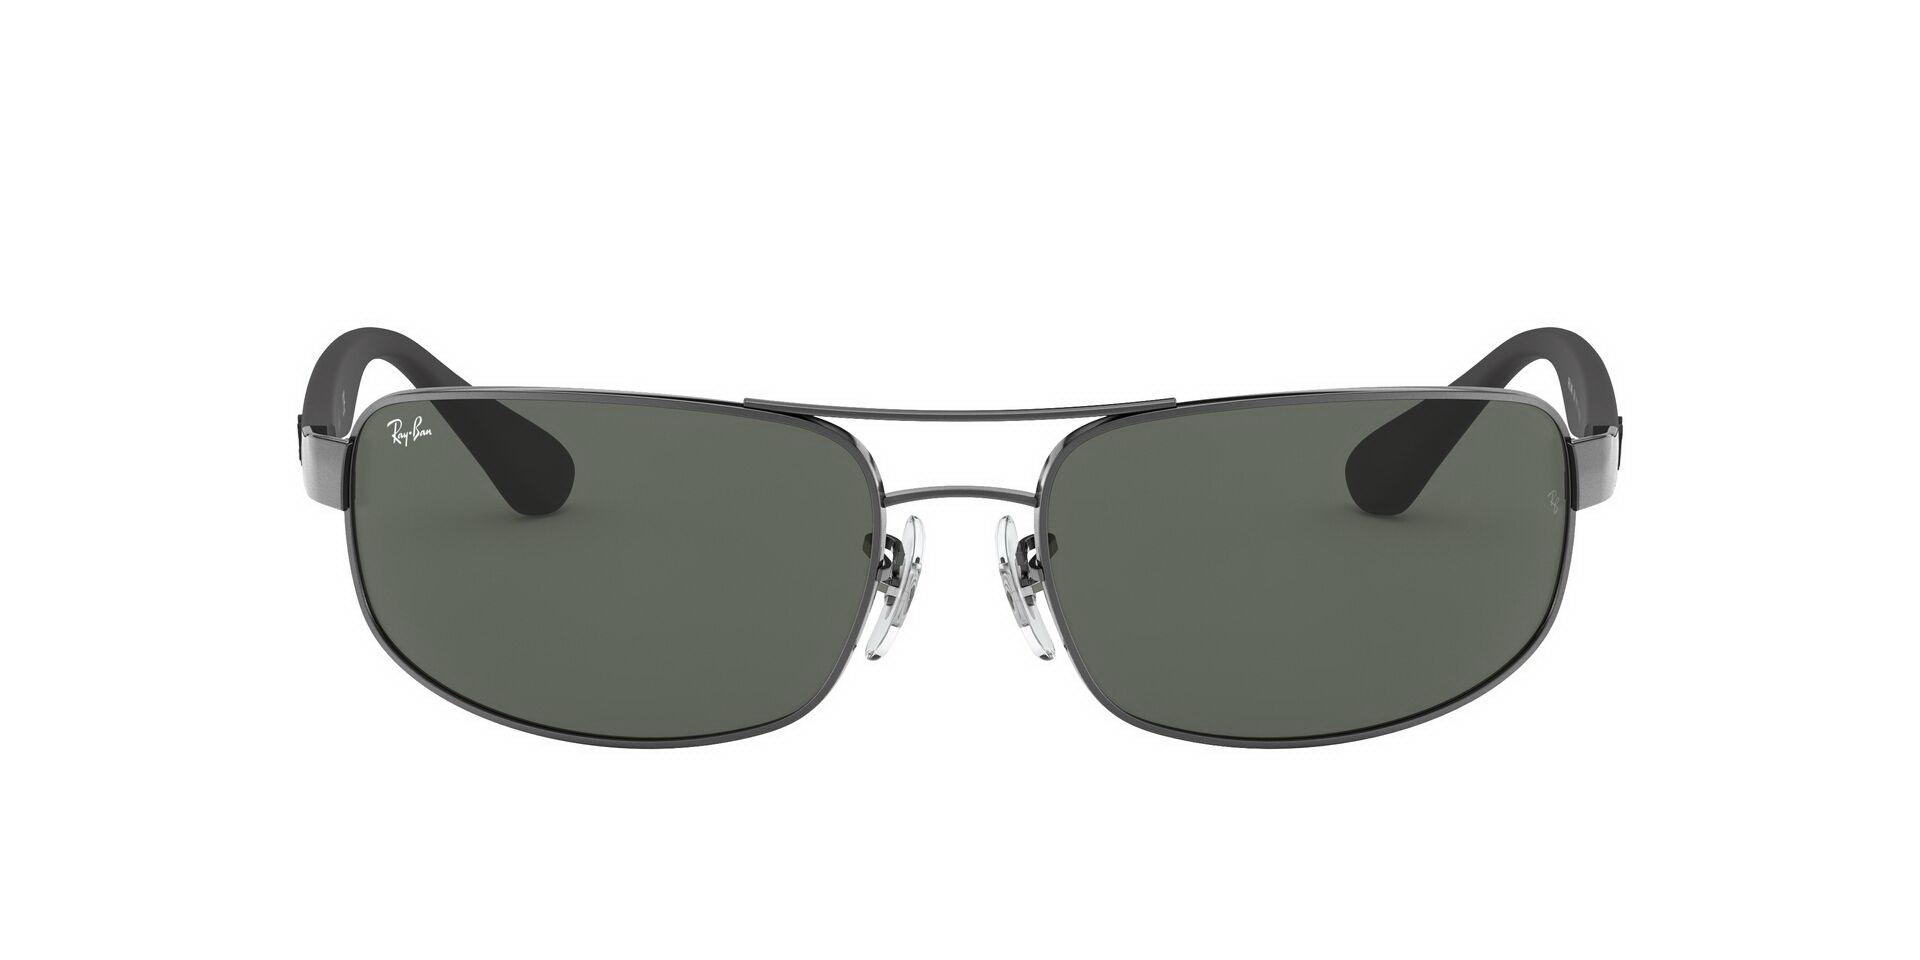 Солнцезащитные очки Очки с/з Ray Ban 0RB3445 004 фото